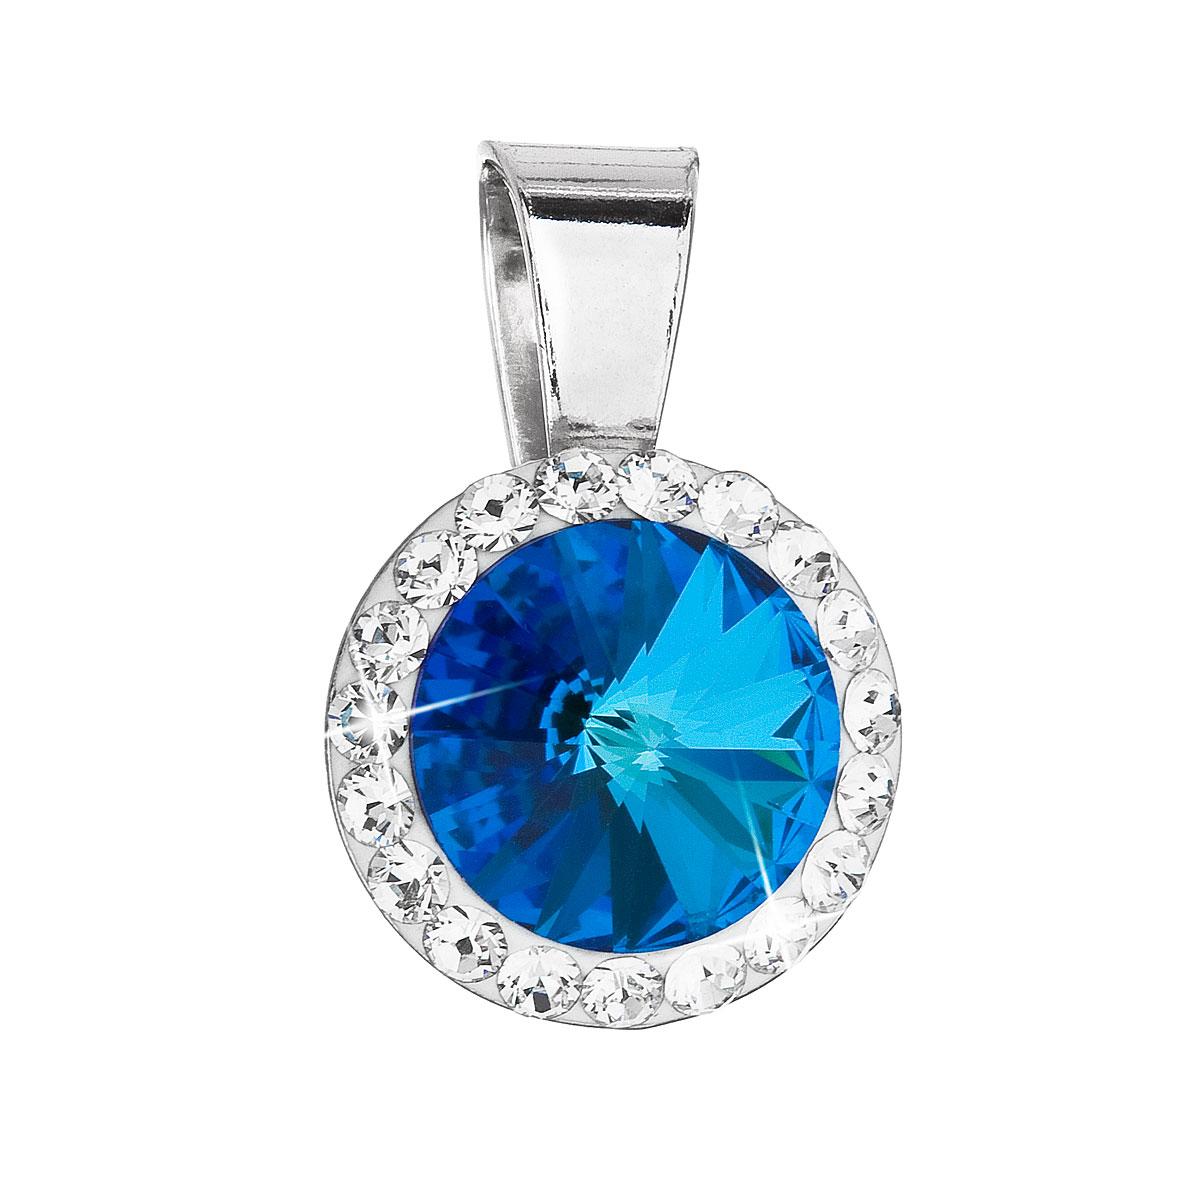 Evolution Group Stříbrný přívěsek s krystaly Swarovski modrý kulatý 34251.5